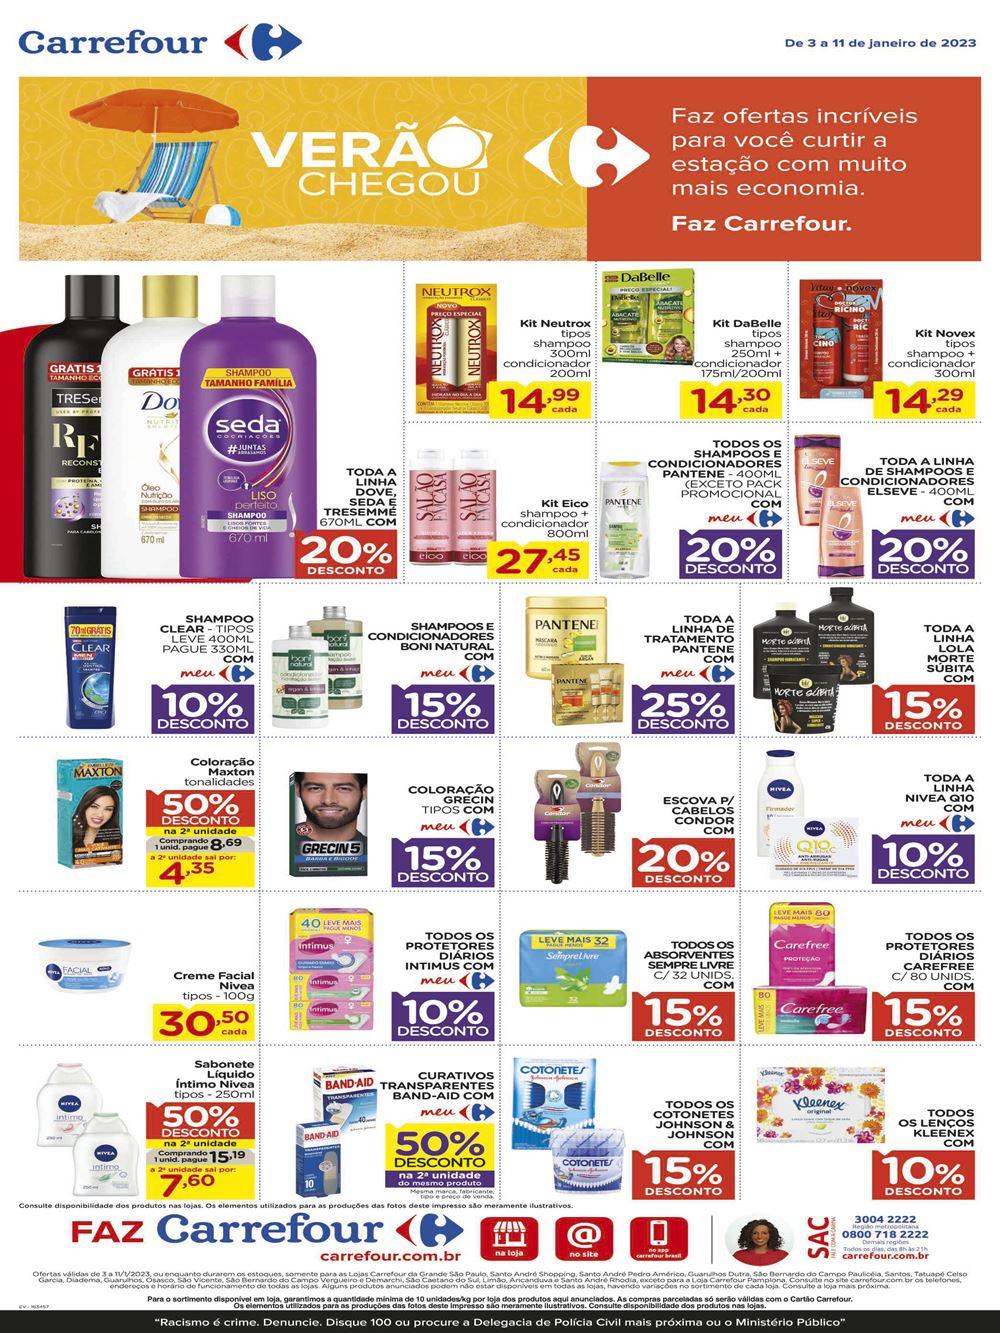 carrefour-ofertas-descontos-hoje8-15 Carrefour até 08/08